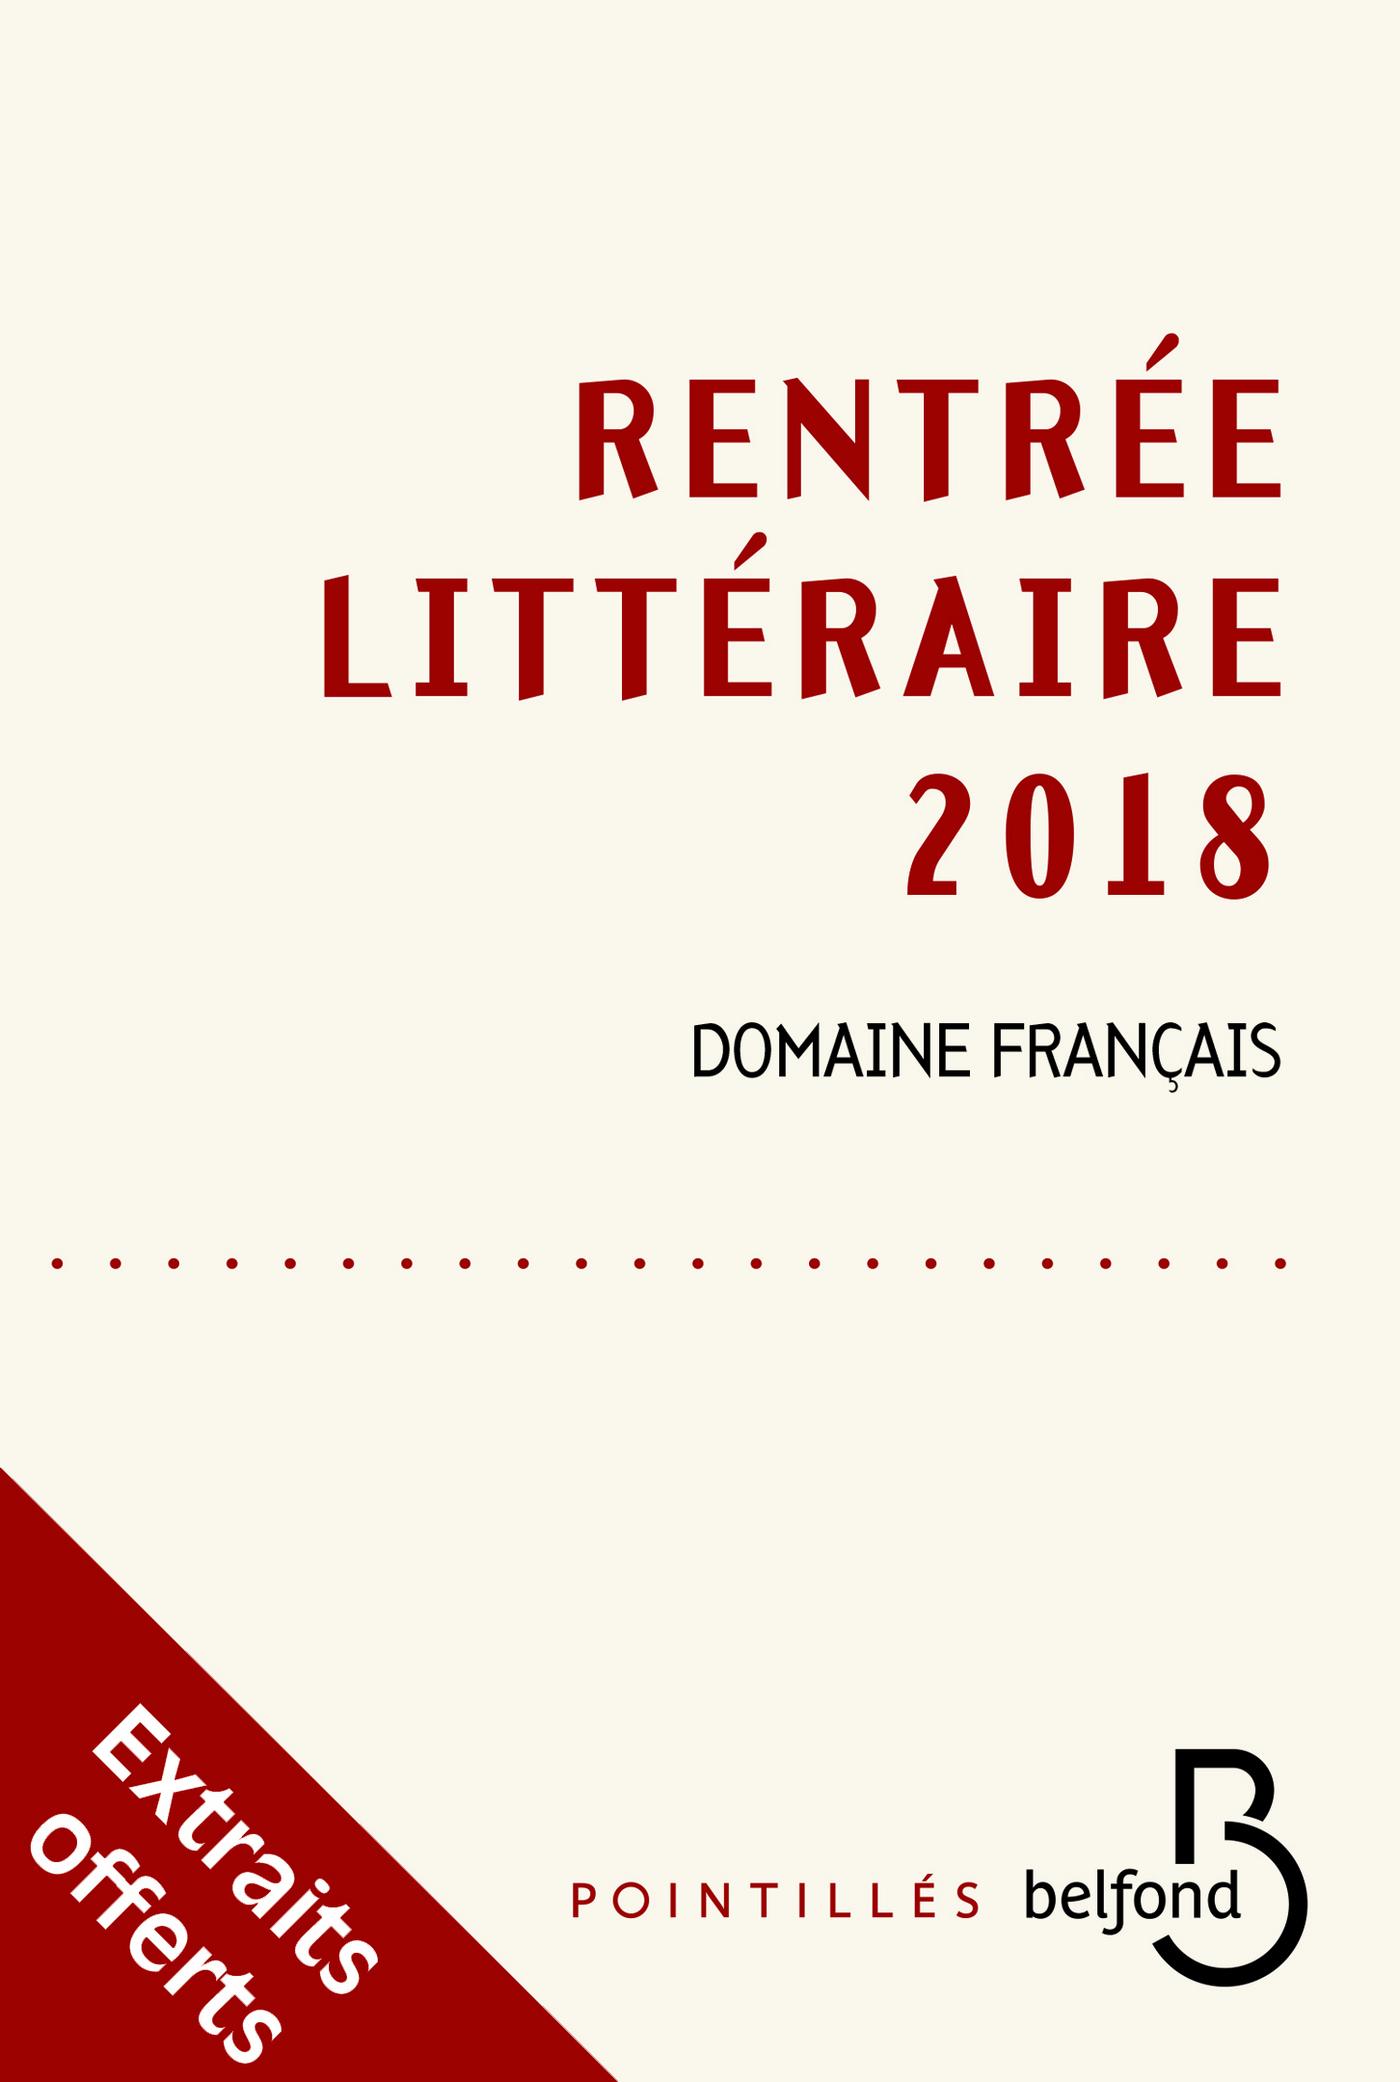 Rentrée littéraire Belfond français 2018 - extraits gratuits